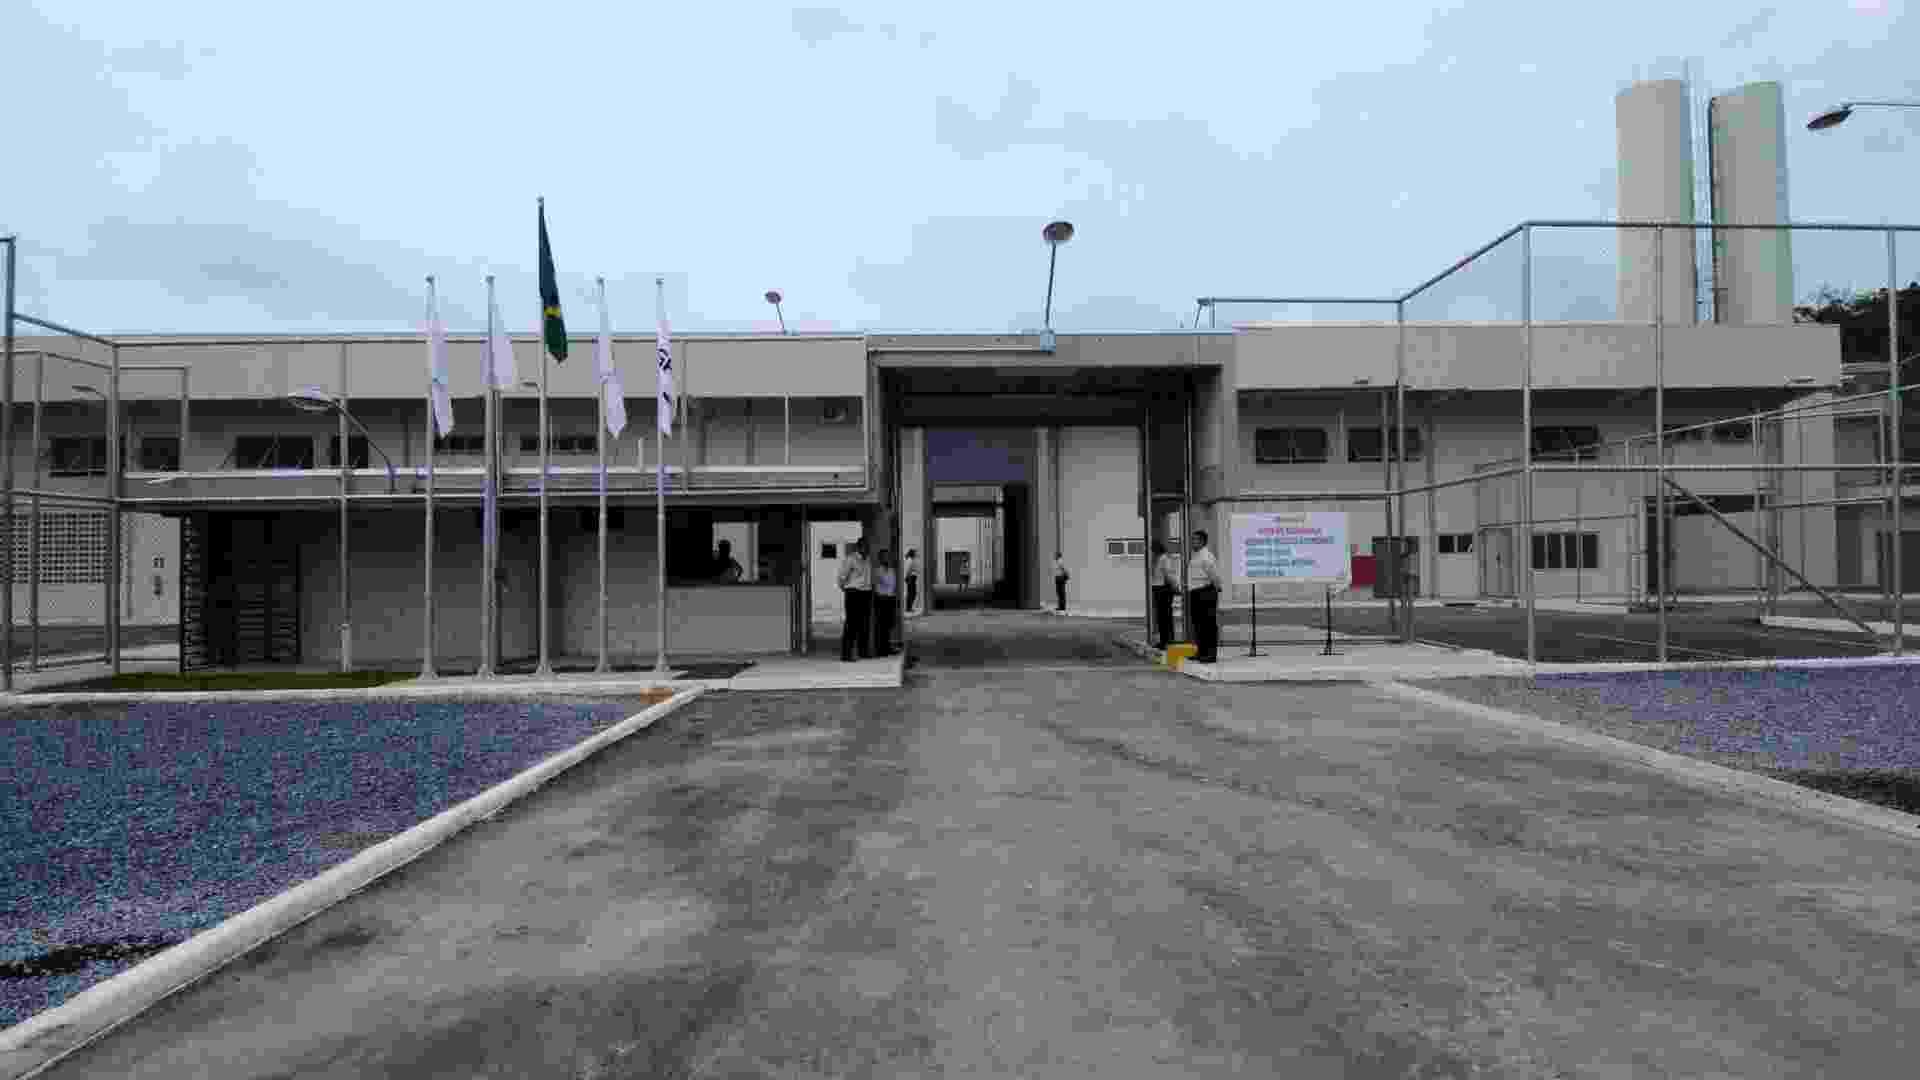 15.jan.2013 -  Complexo penitenciário em Ribeirão das Neves, na região metropolitana de Belo Horizonte,  o primeiro presídio privado do país - Carlos Alberto Secom/MG